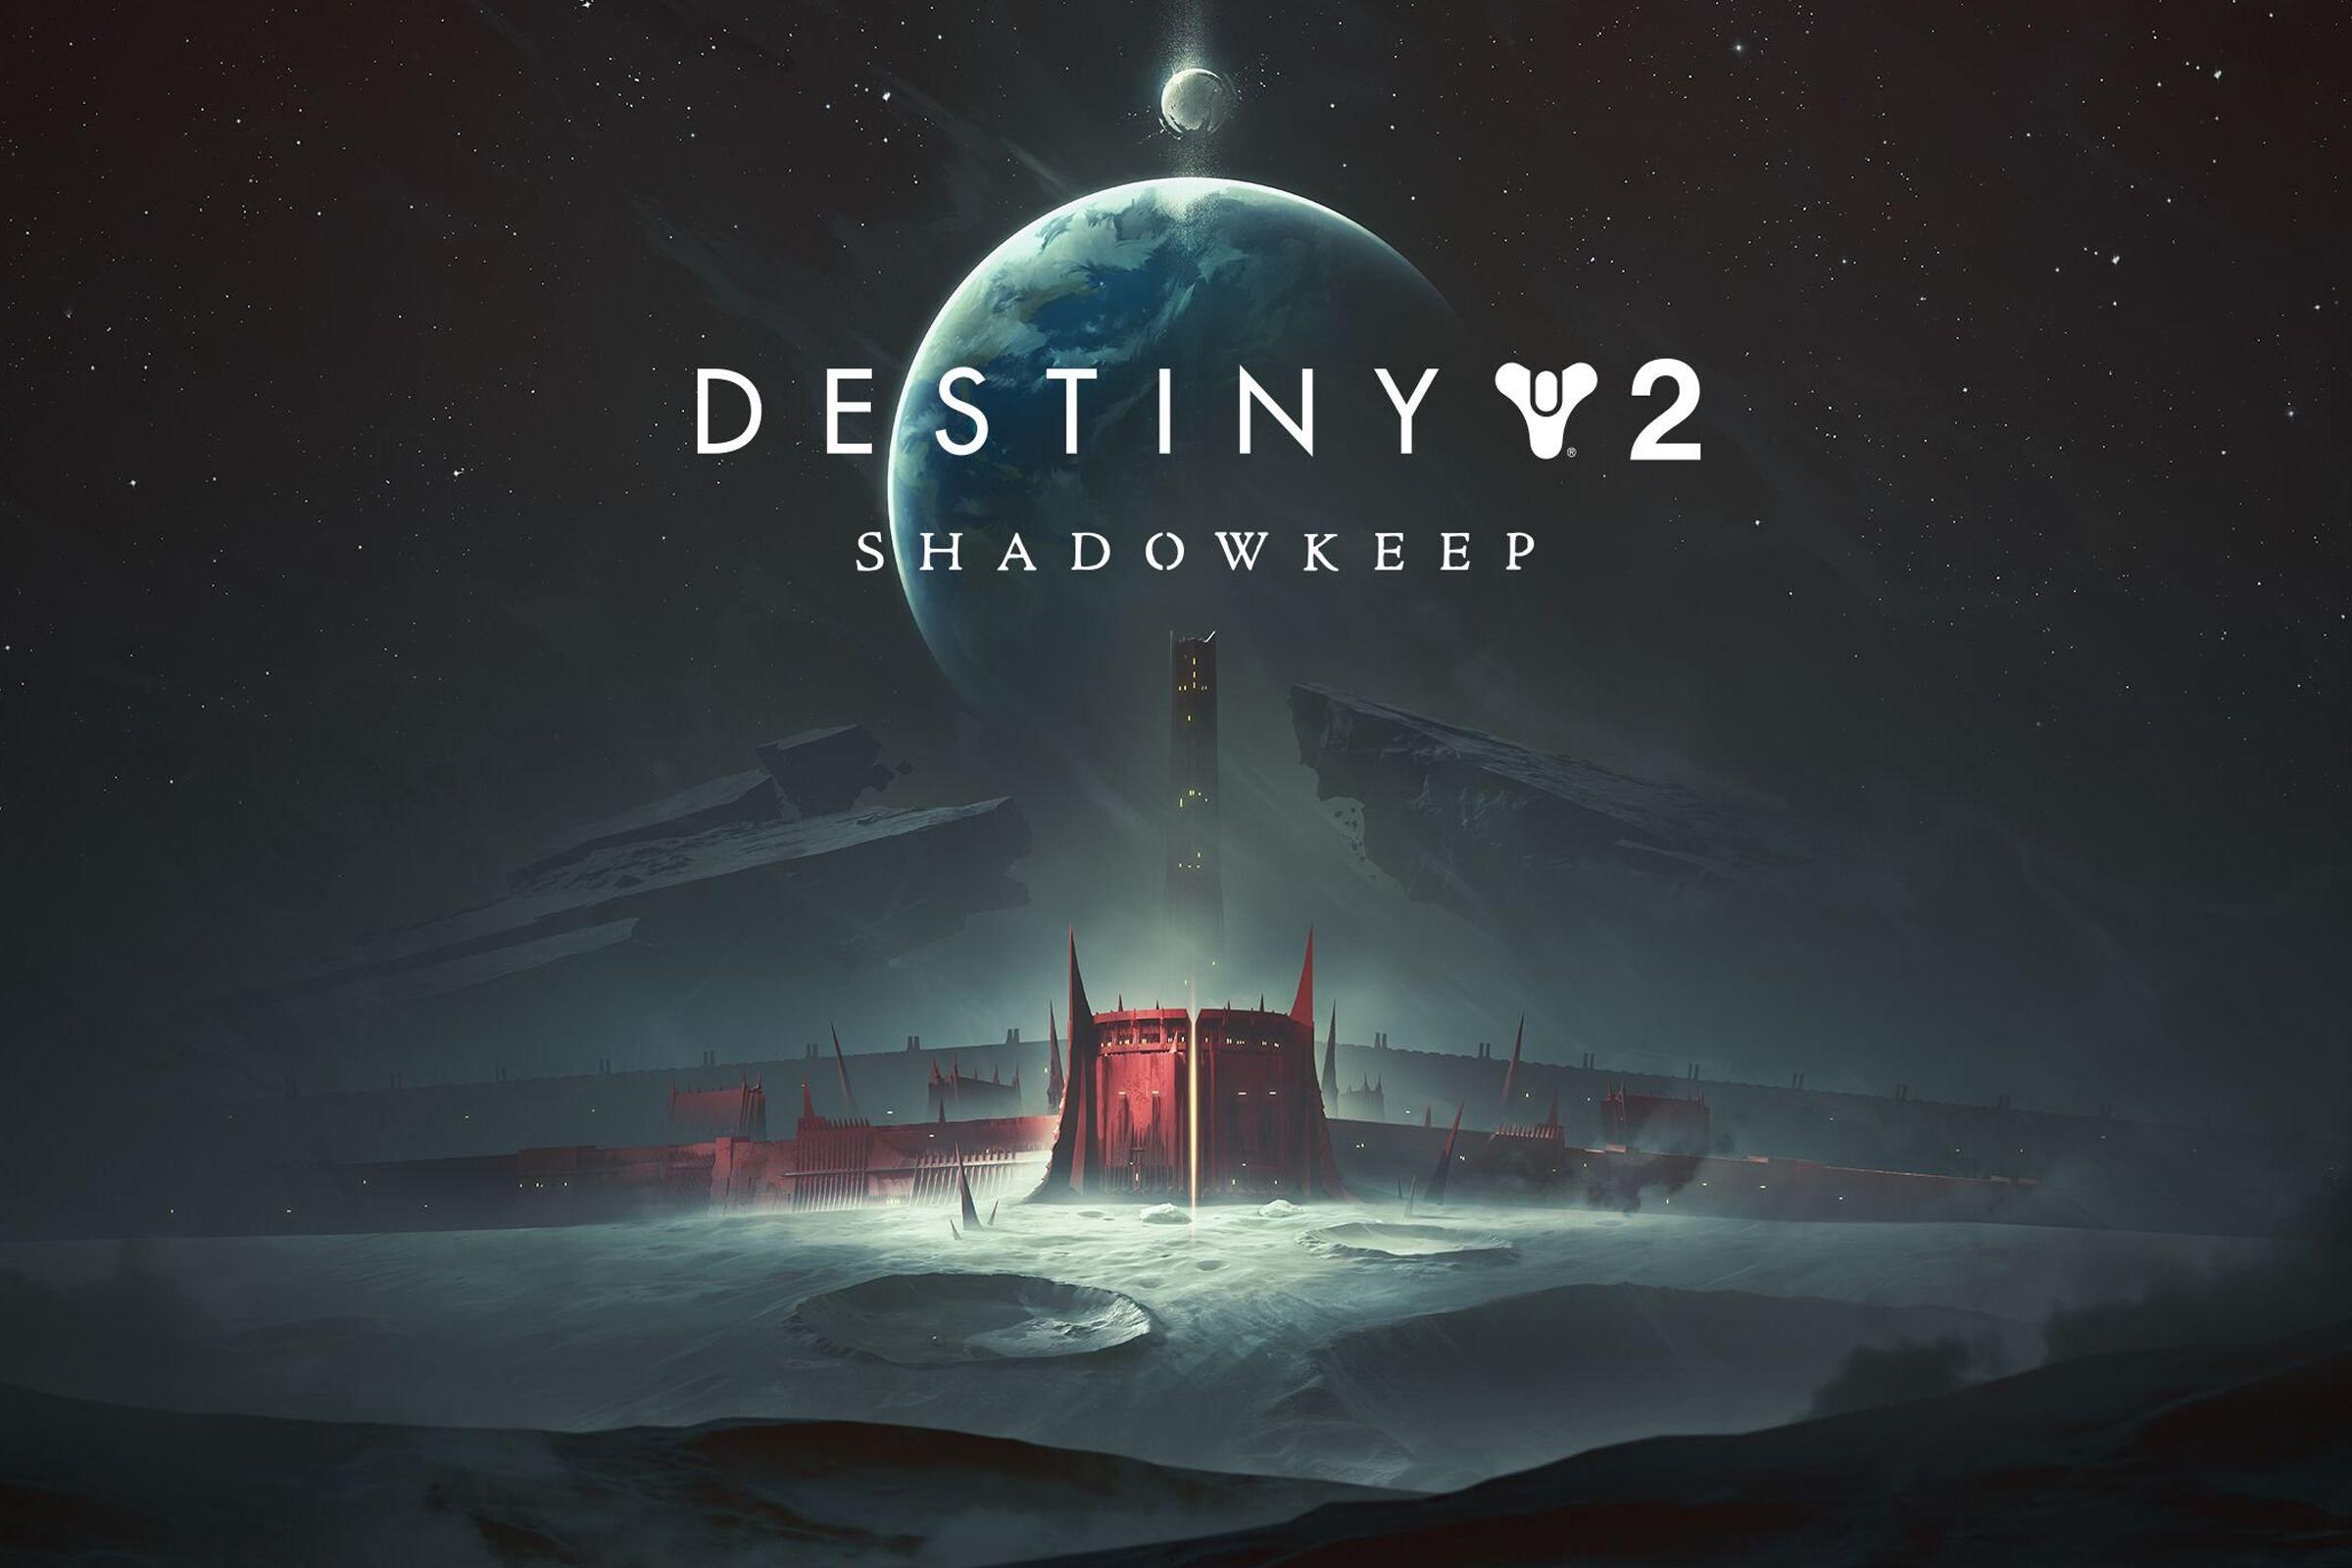 destiny-2-shadowkeep